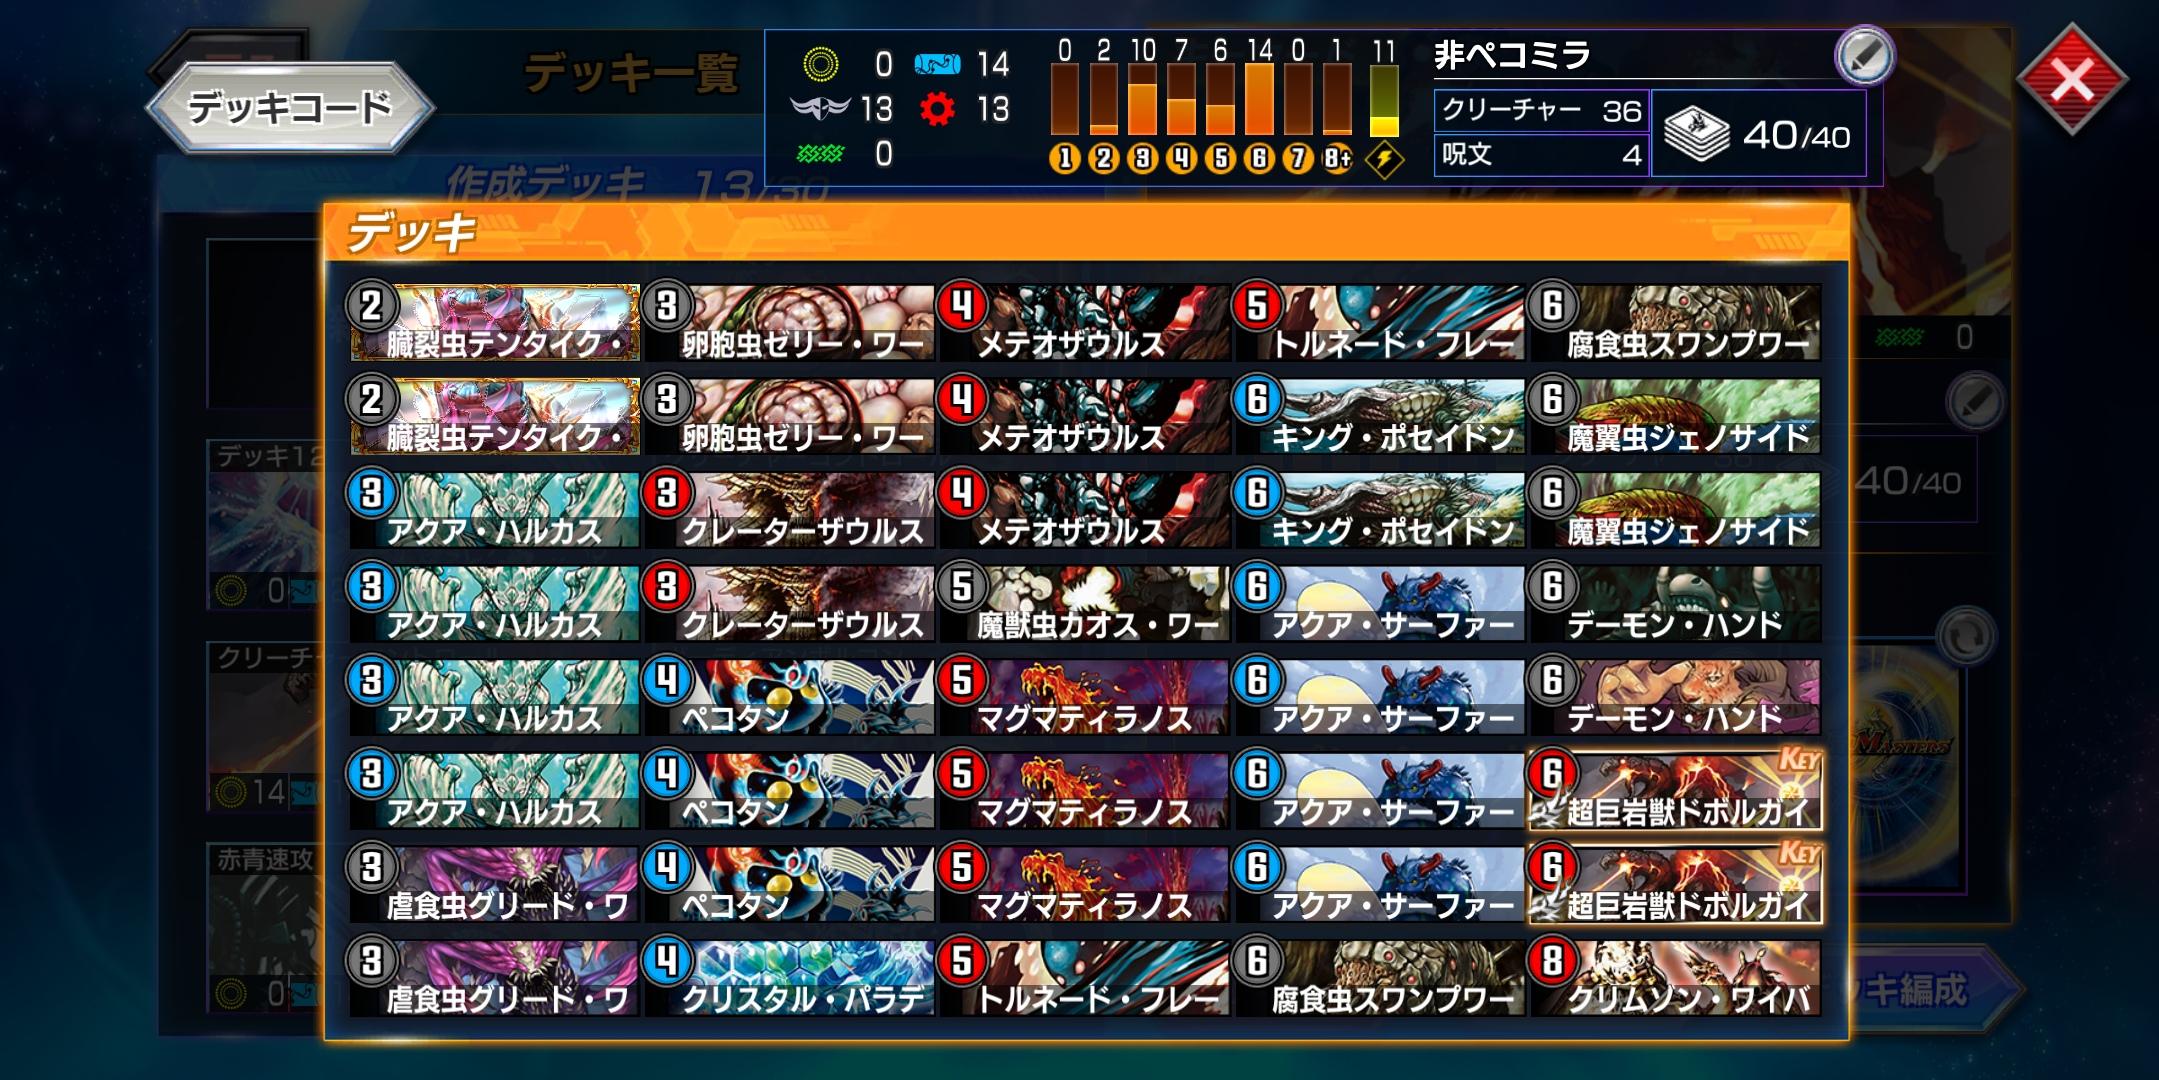 5gq2SO2 - 【悲報】デュエマ、勝てない